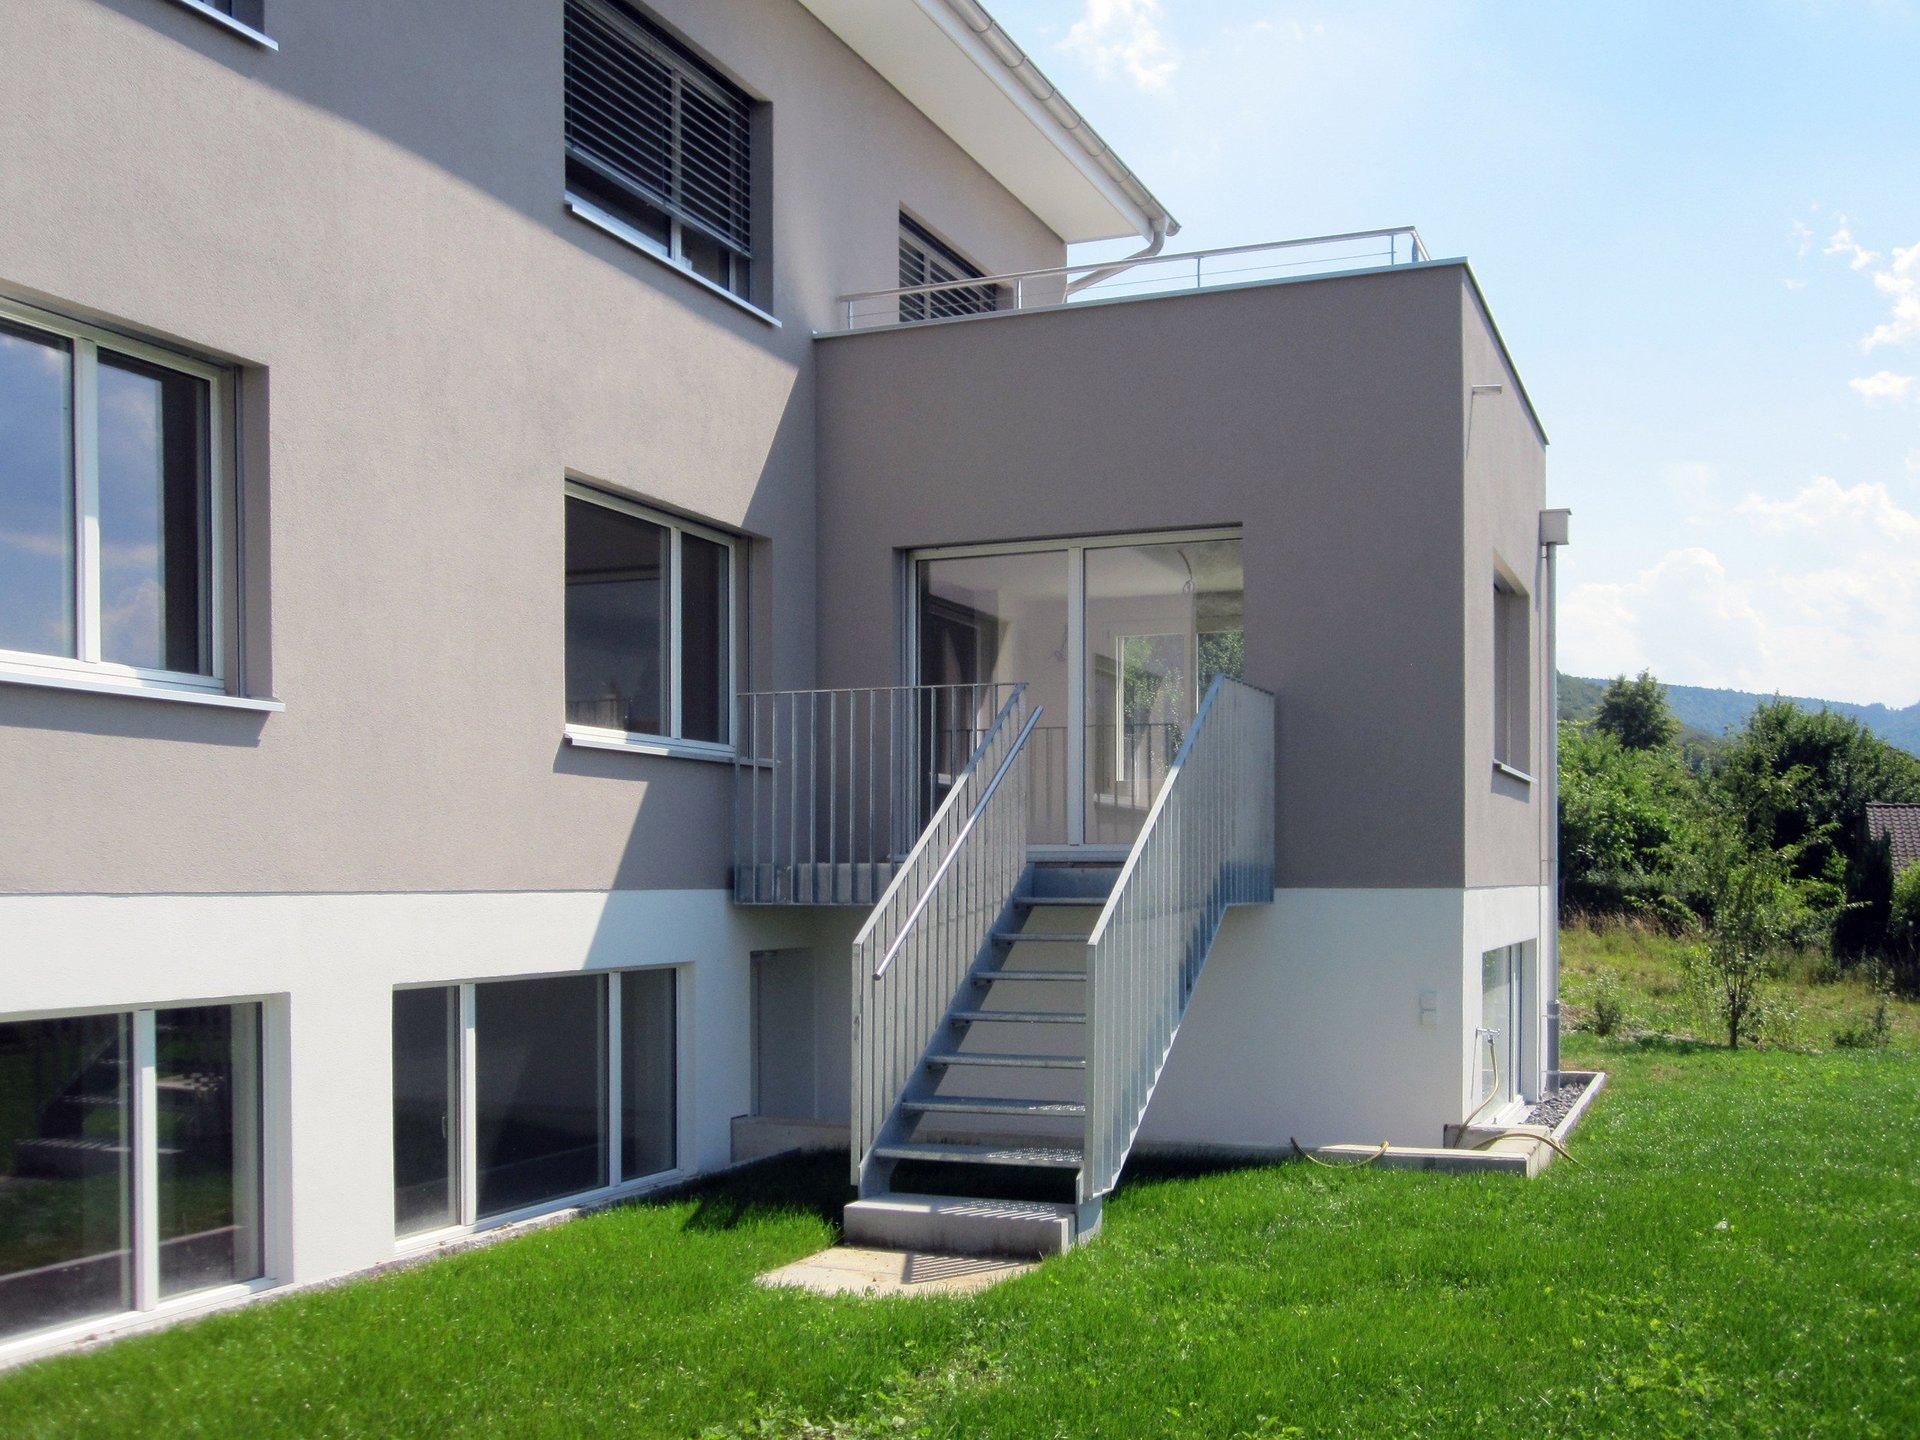 Eingang zu Doppeleinfamilienhaus mit Stahltreppe